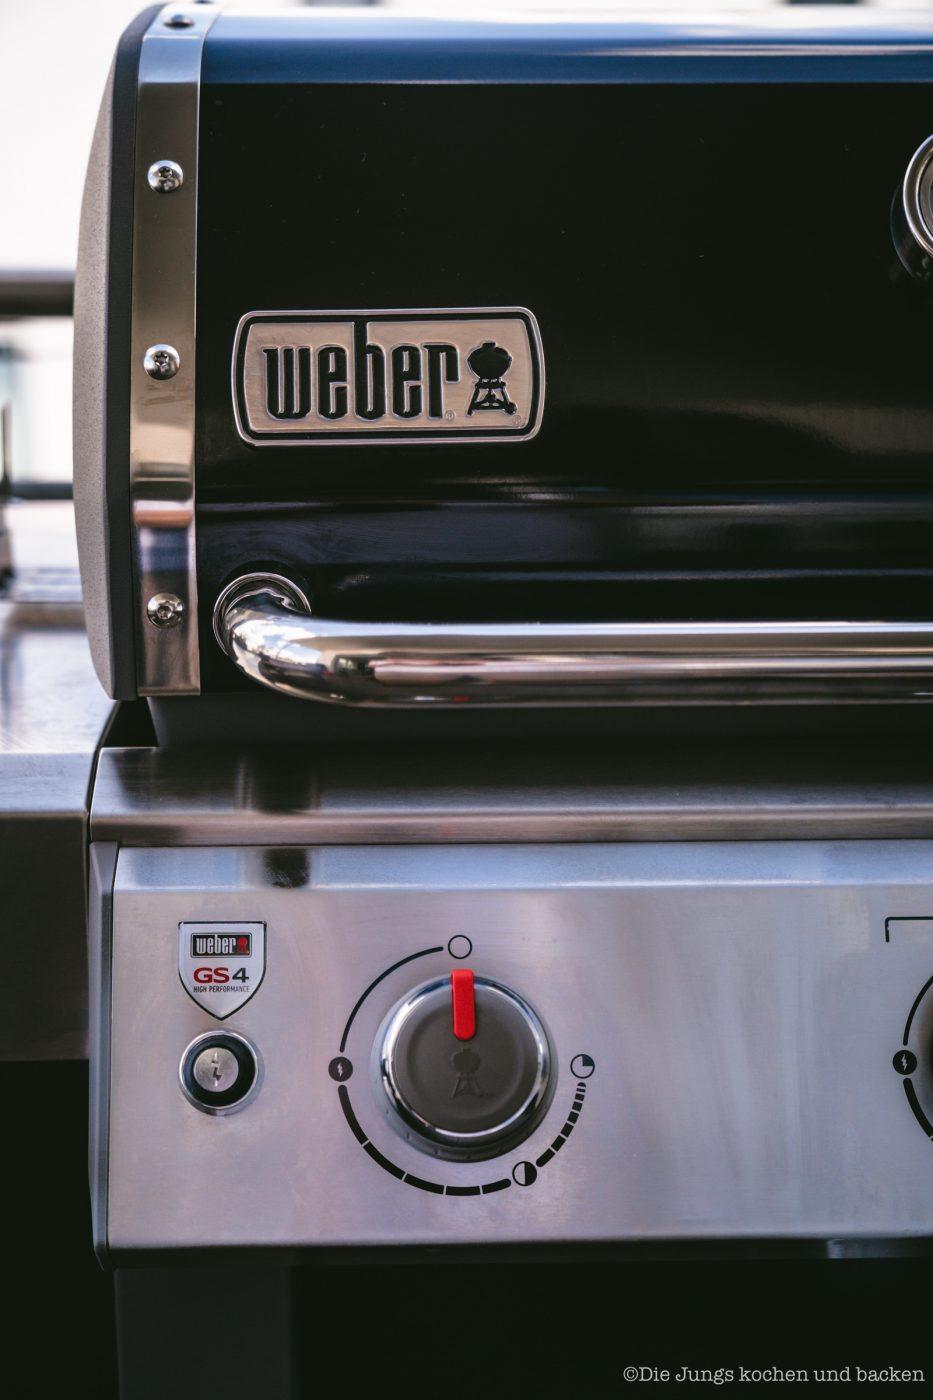 Full English Weber 3 | Grillen ist bei uns ein fester Bestandteil unserer Koch- und Backpassion! Gerade ist unser Grill natürlich im Dauereinsatz - wir sind aber auch mittlerweile passionierte Wintergriller. Das Wetter spielt bei uns, Dank überdachter Dachterrasse, auch gar keine Rolle mehr - und da wir mittlerweile ein wenig mehr Platz auf der Terrasse haben, ist ein neuer Grill bei uns eingezogen. Um den Weber Genesis® II gebührend einzuweihen, haben wir eine deftige Frühstückssause drauf zubereitet - ein Full English Breakfast vom Grill!!